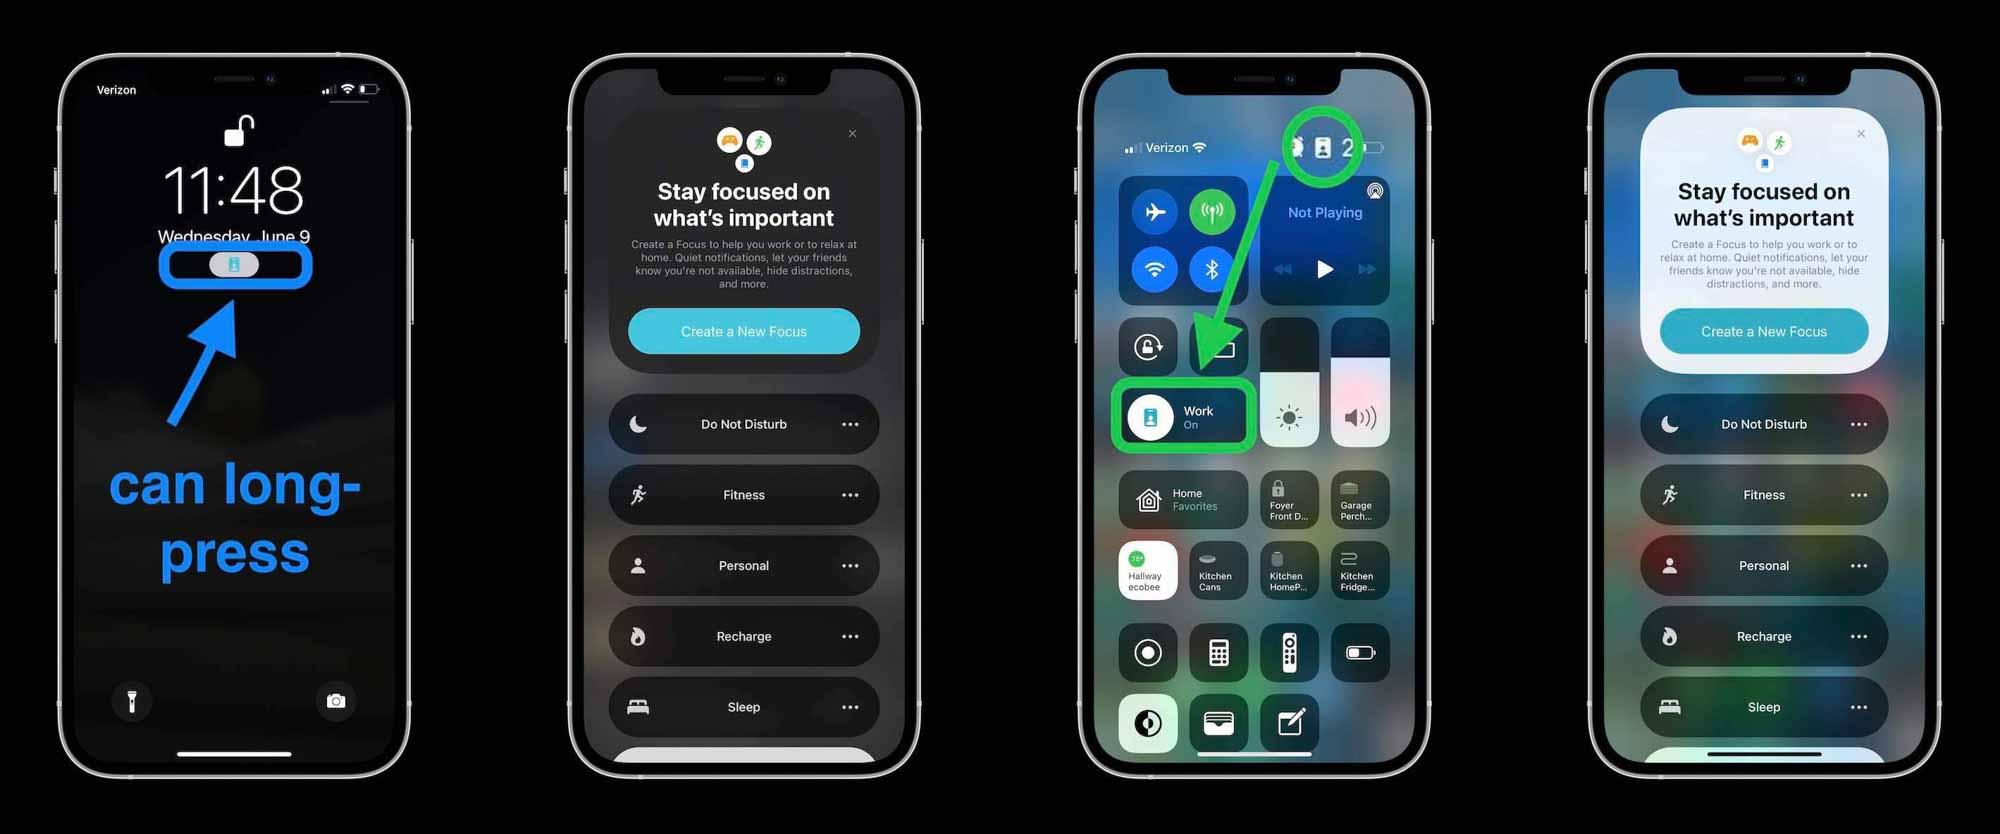 Как использовать iPhone Focus в iOS 15 - где узнать, что включено